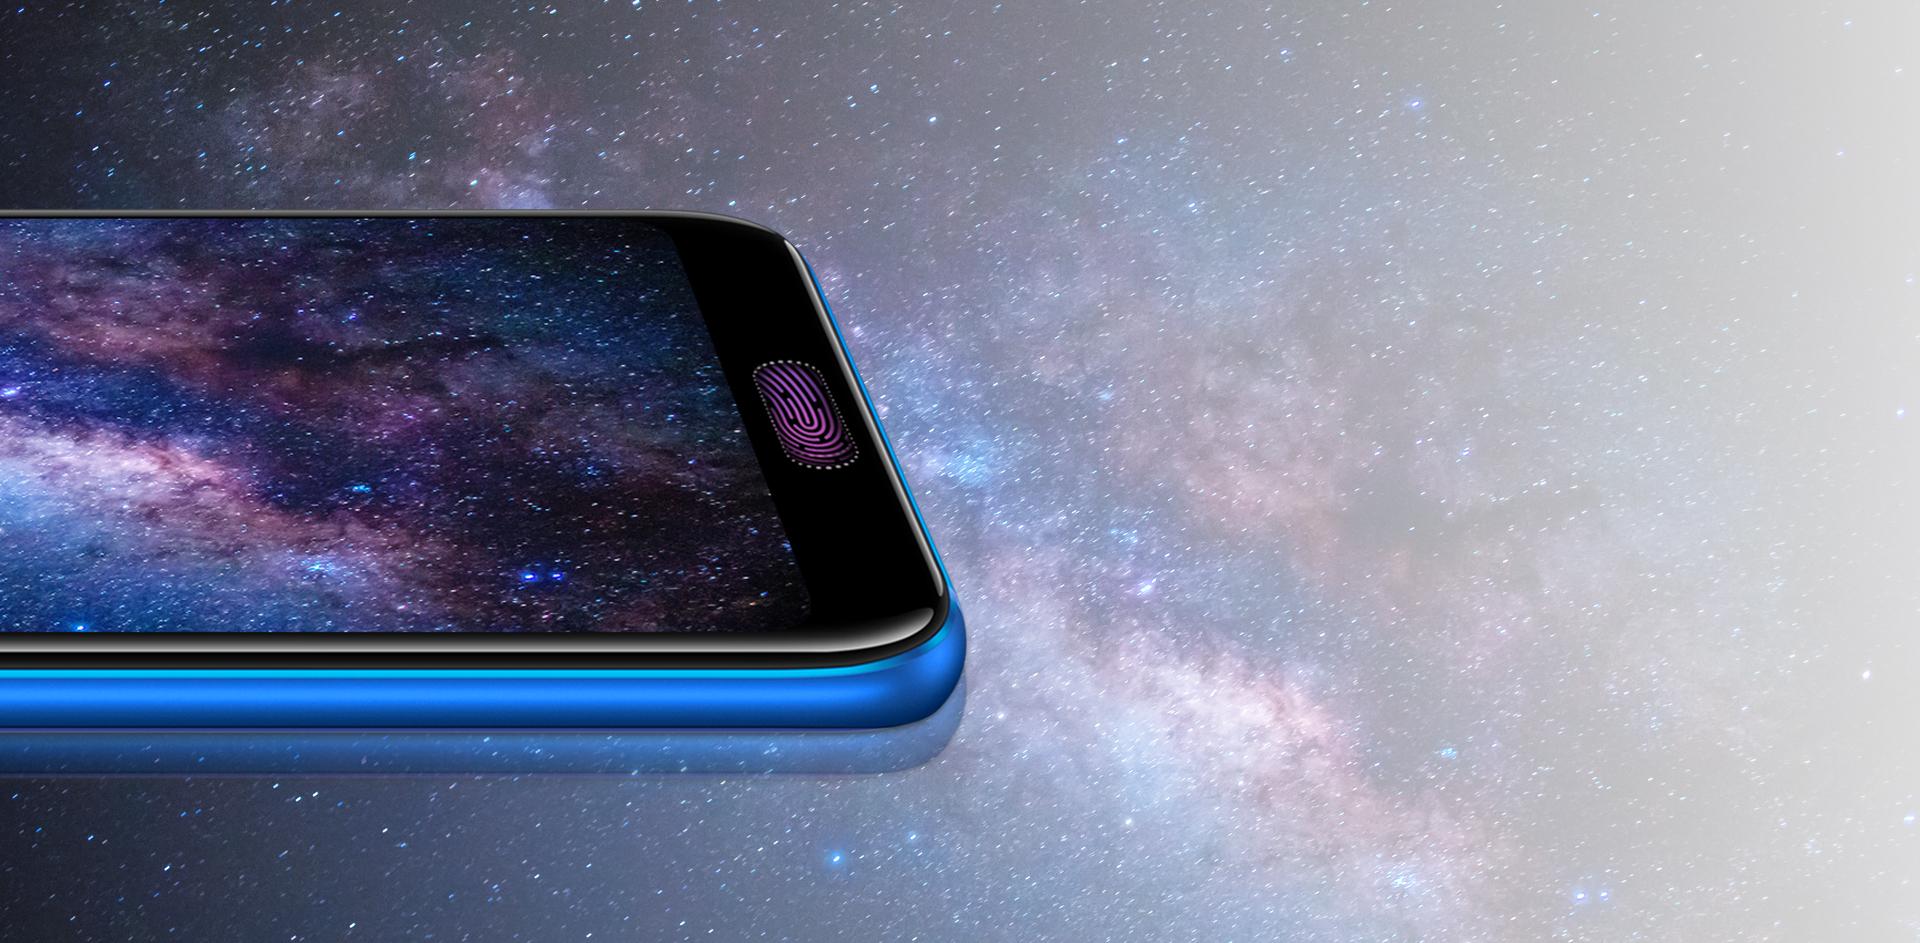 Speciální ultrasonická čtečka otisků prstů Honoru 10 umožní odemknout displej i s vlhkými prsty